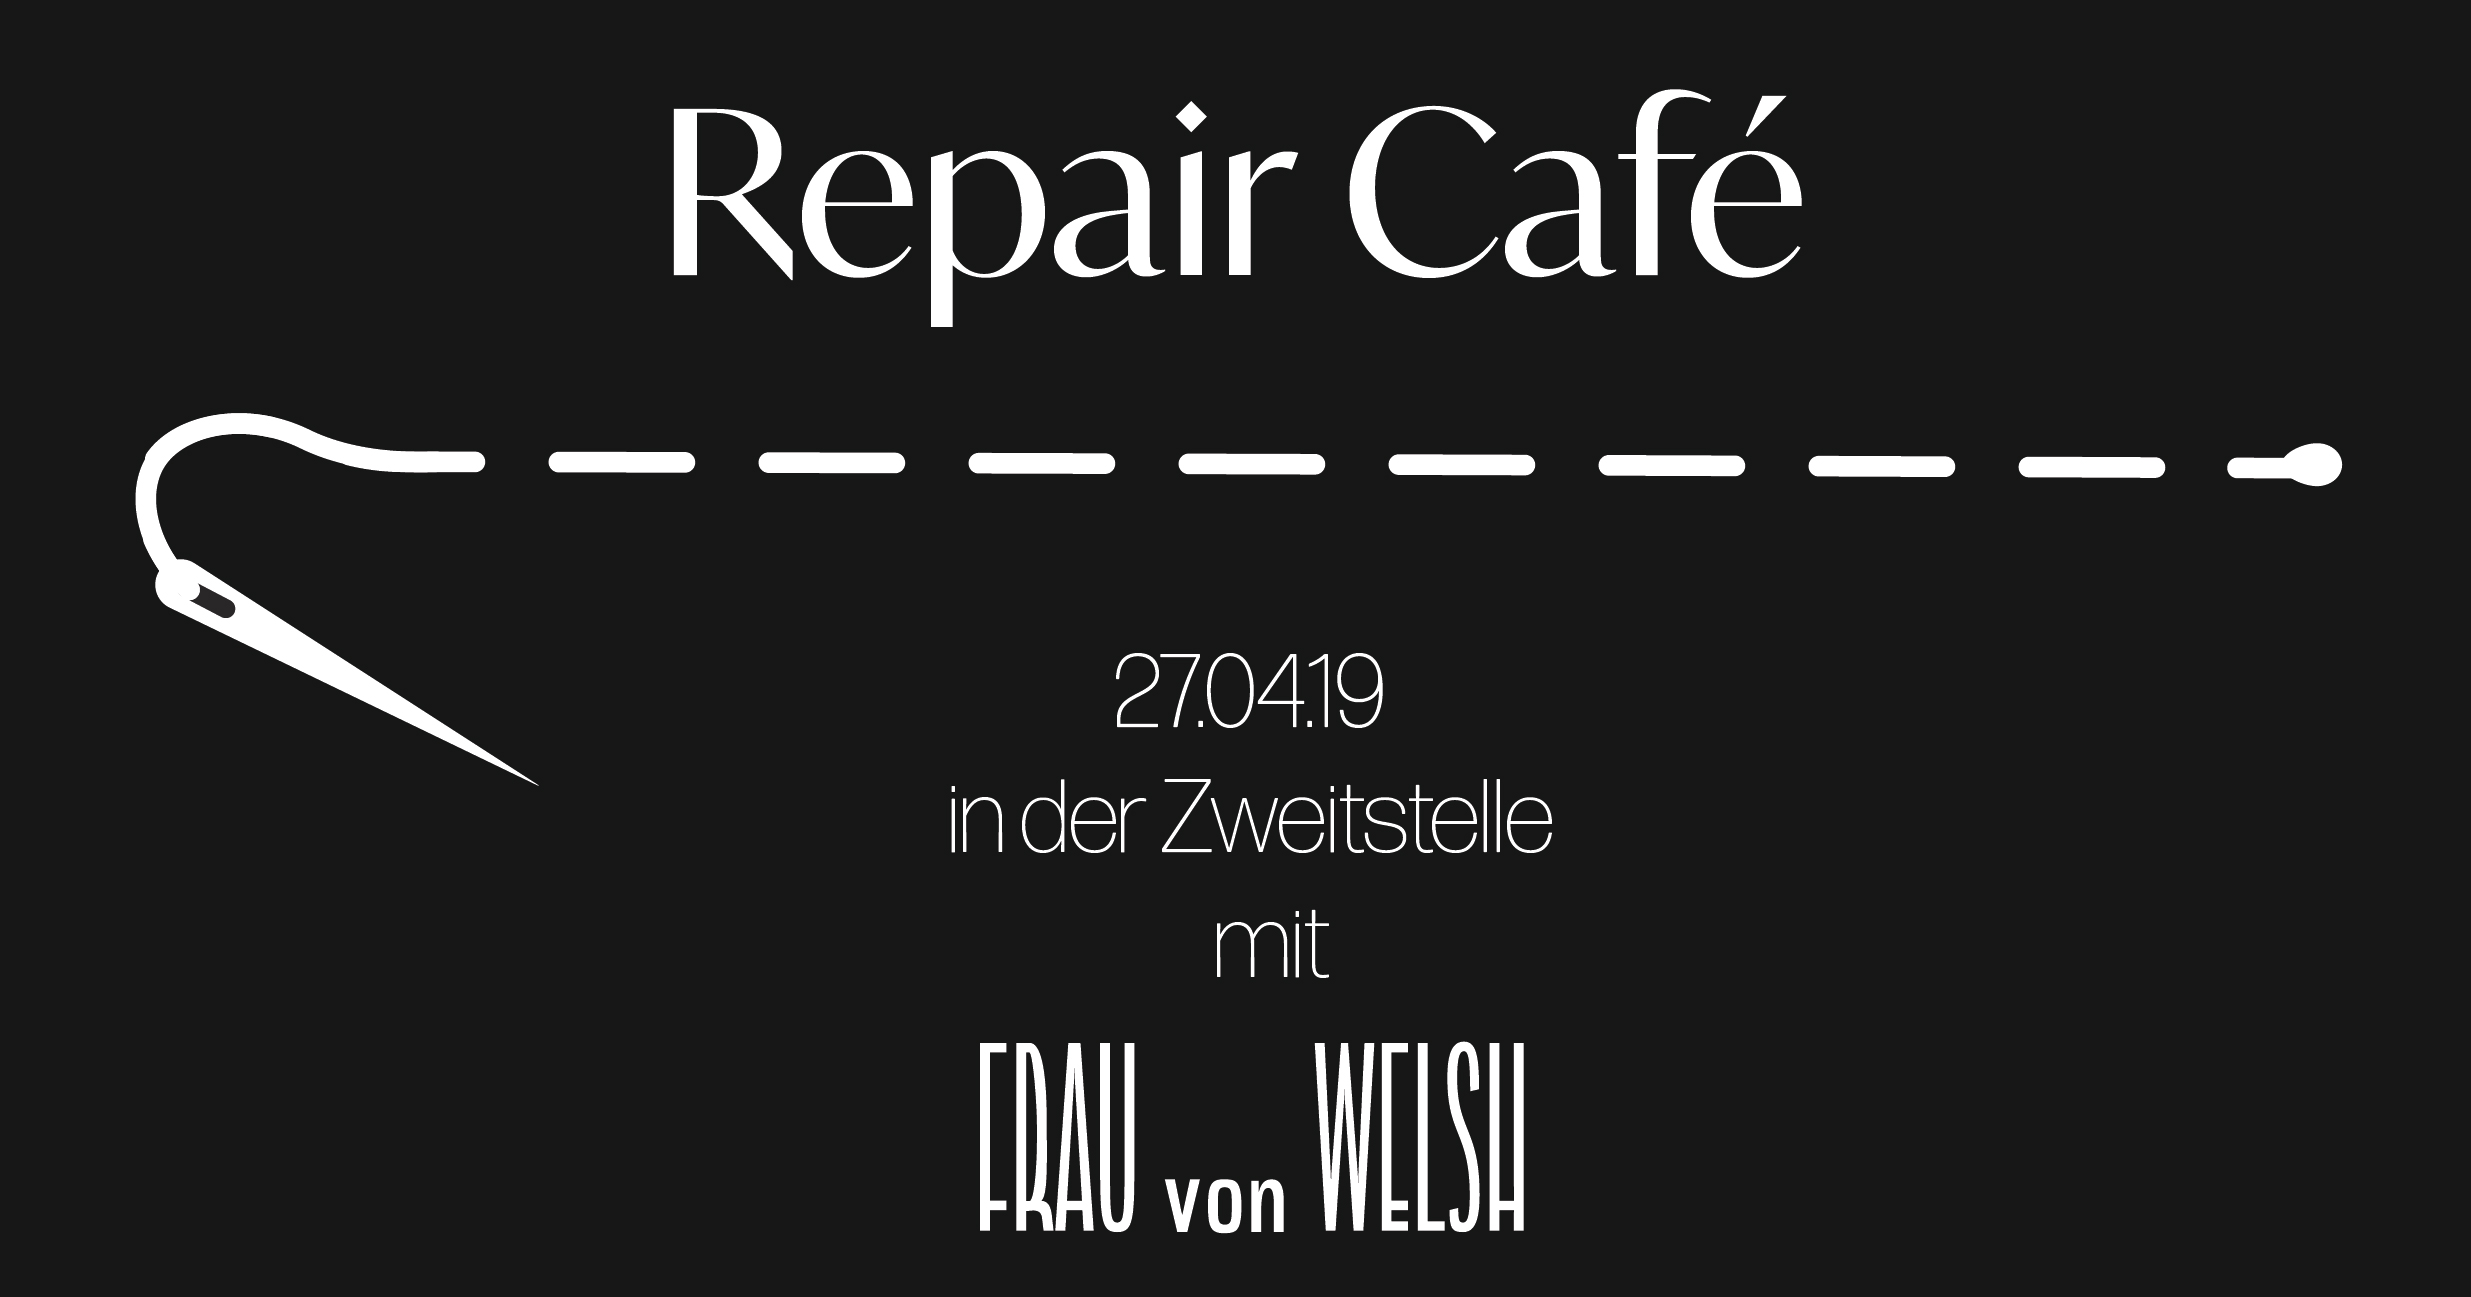 Repair Café für AnfängerInnen und Fortgeschrittene